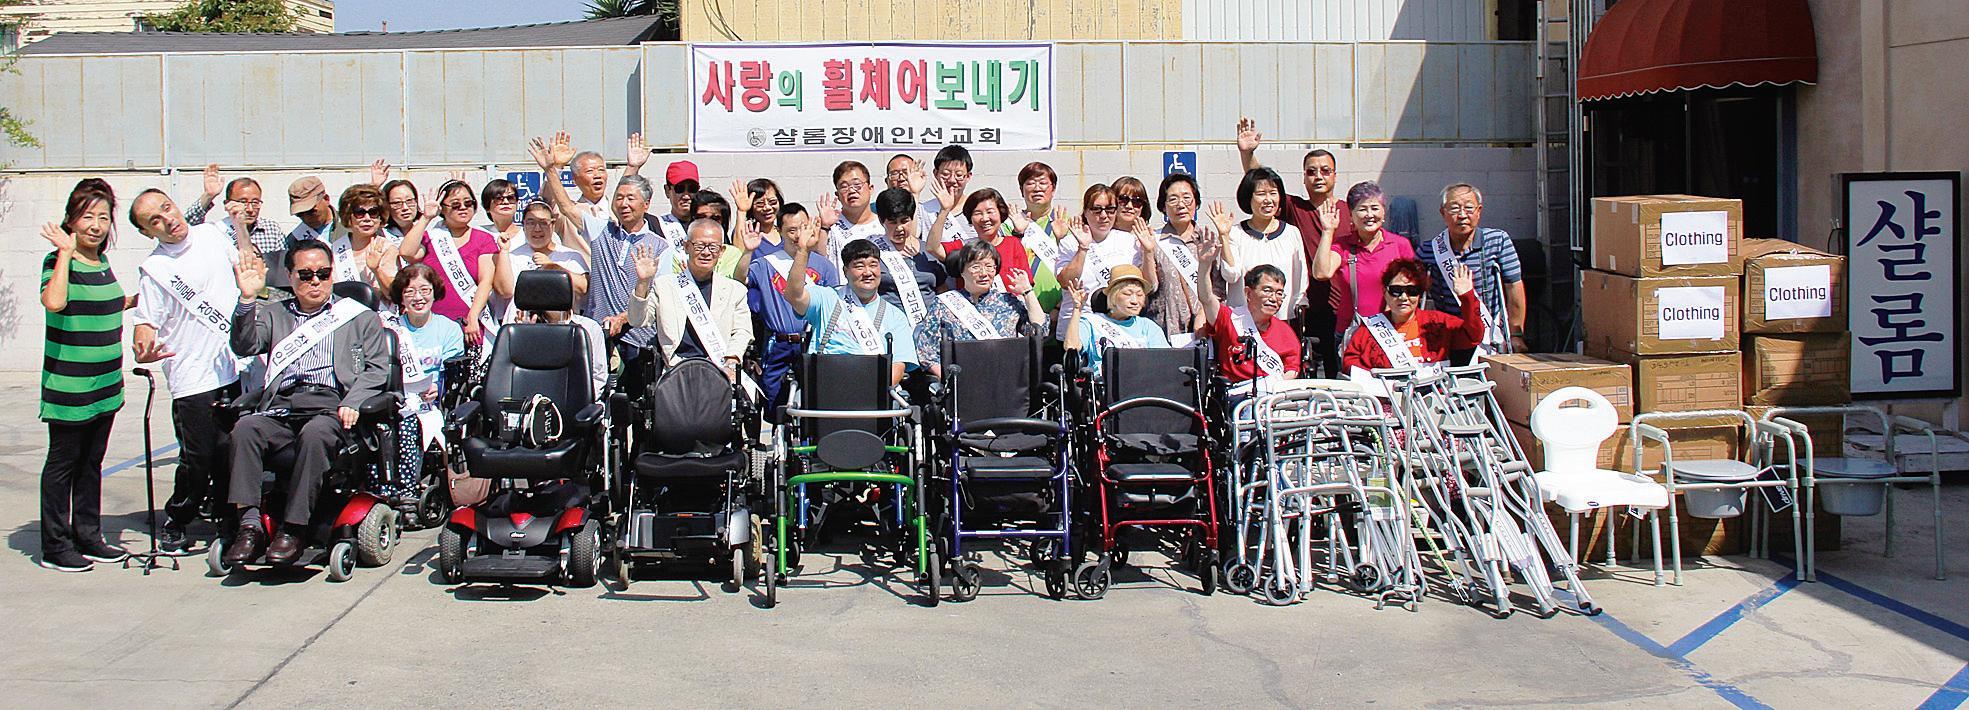 샬롬장애인선교회, 사랑의 휠체어 발송